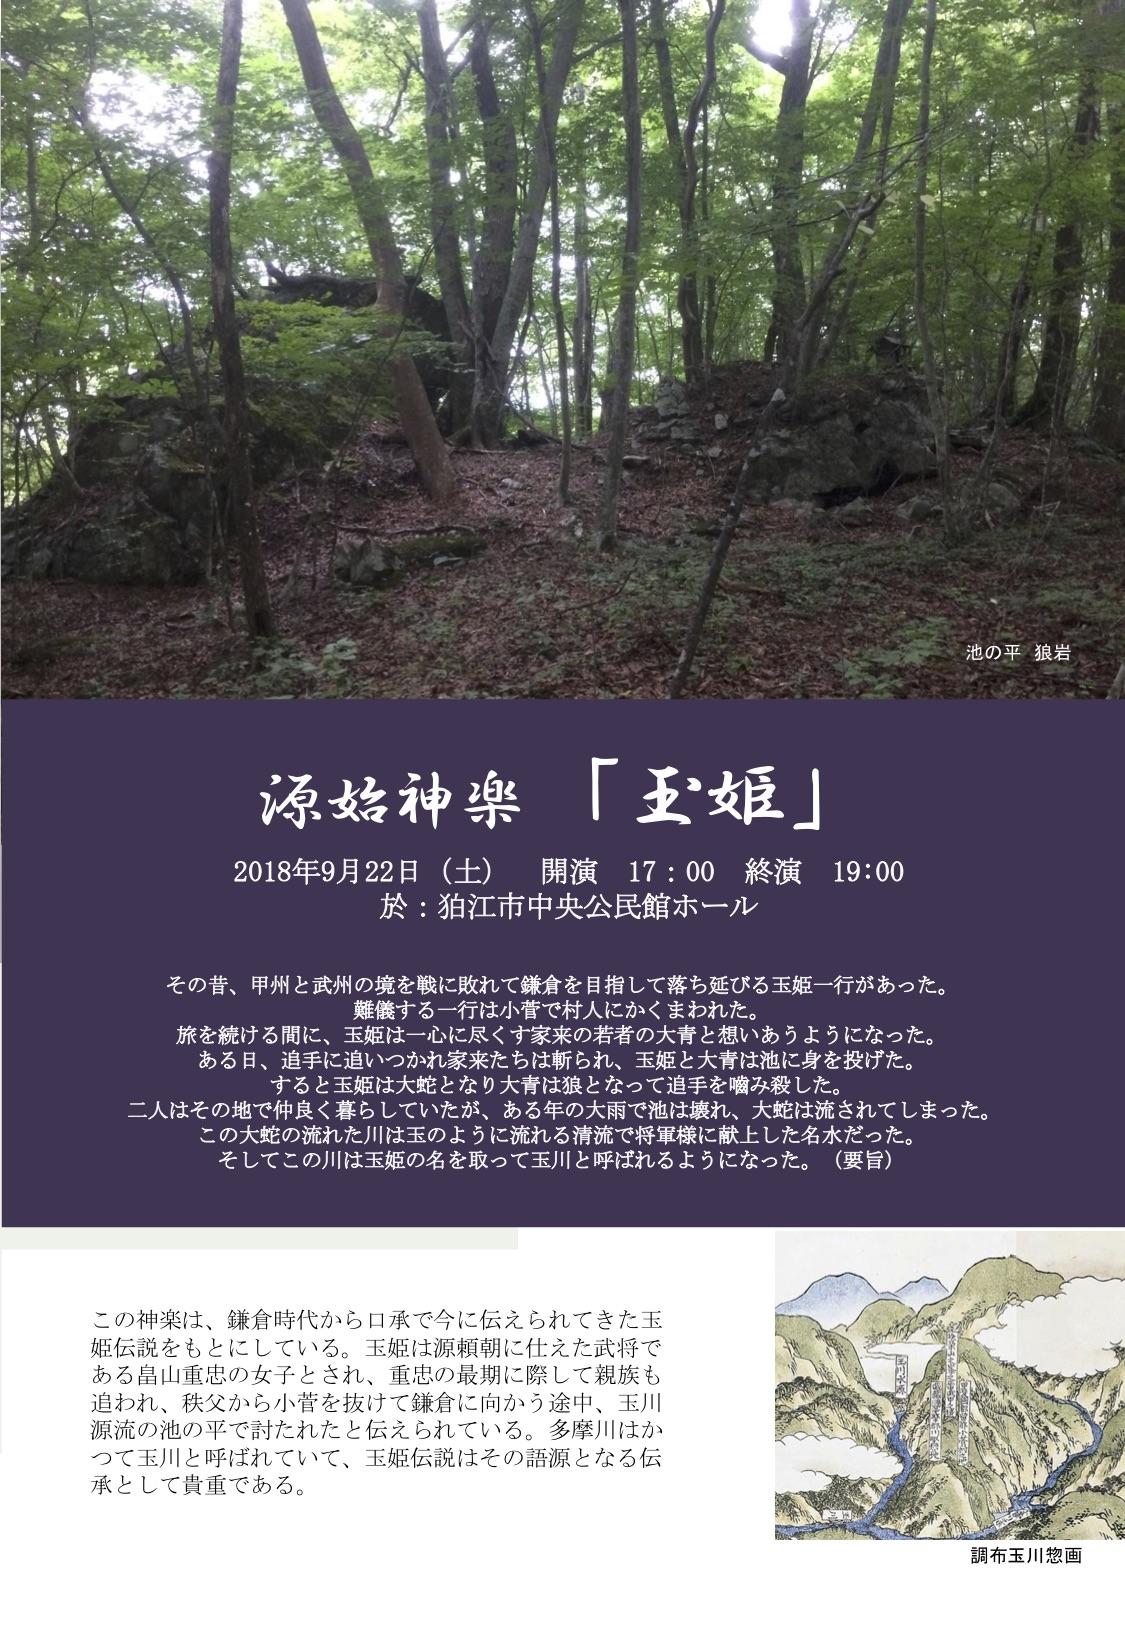 【関連イベントのご案内です】源始神楽「玉姫」(2018年9月22日,於:狛江市)を開催いたします(要参加申し込み)